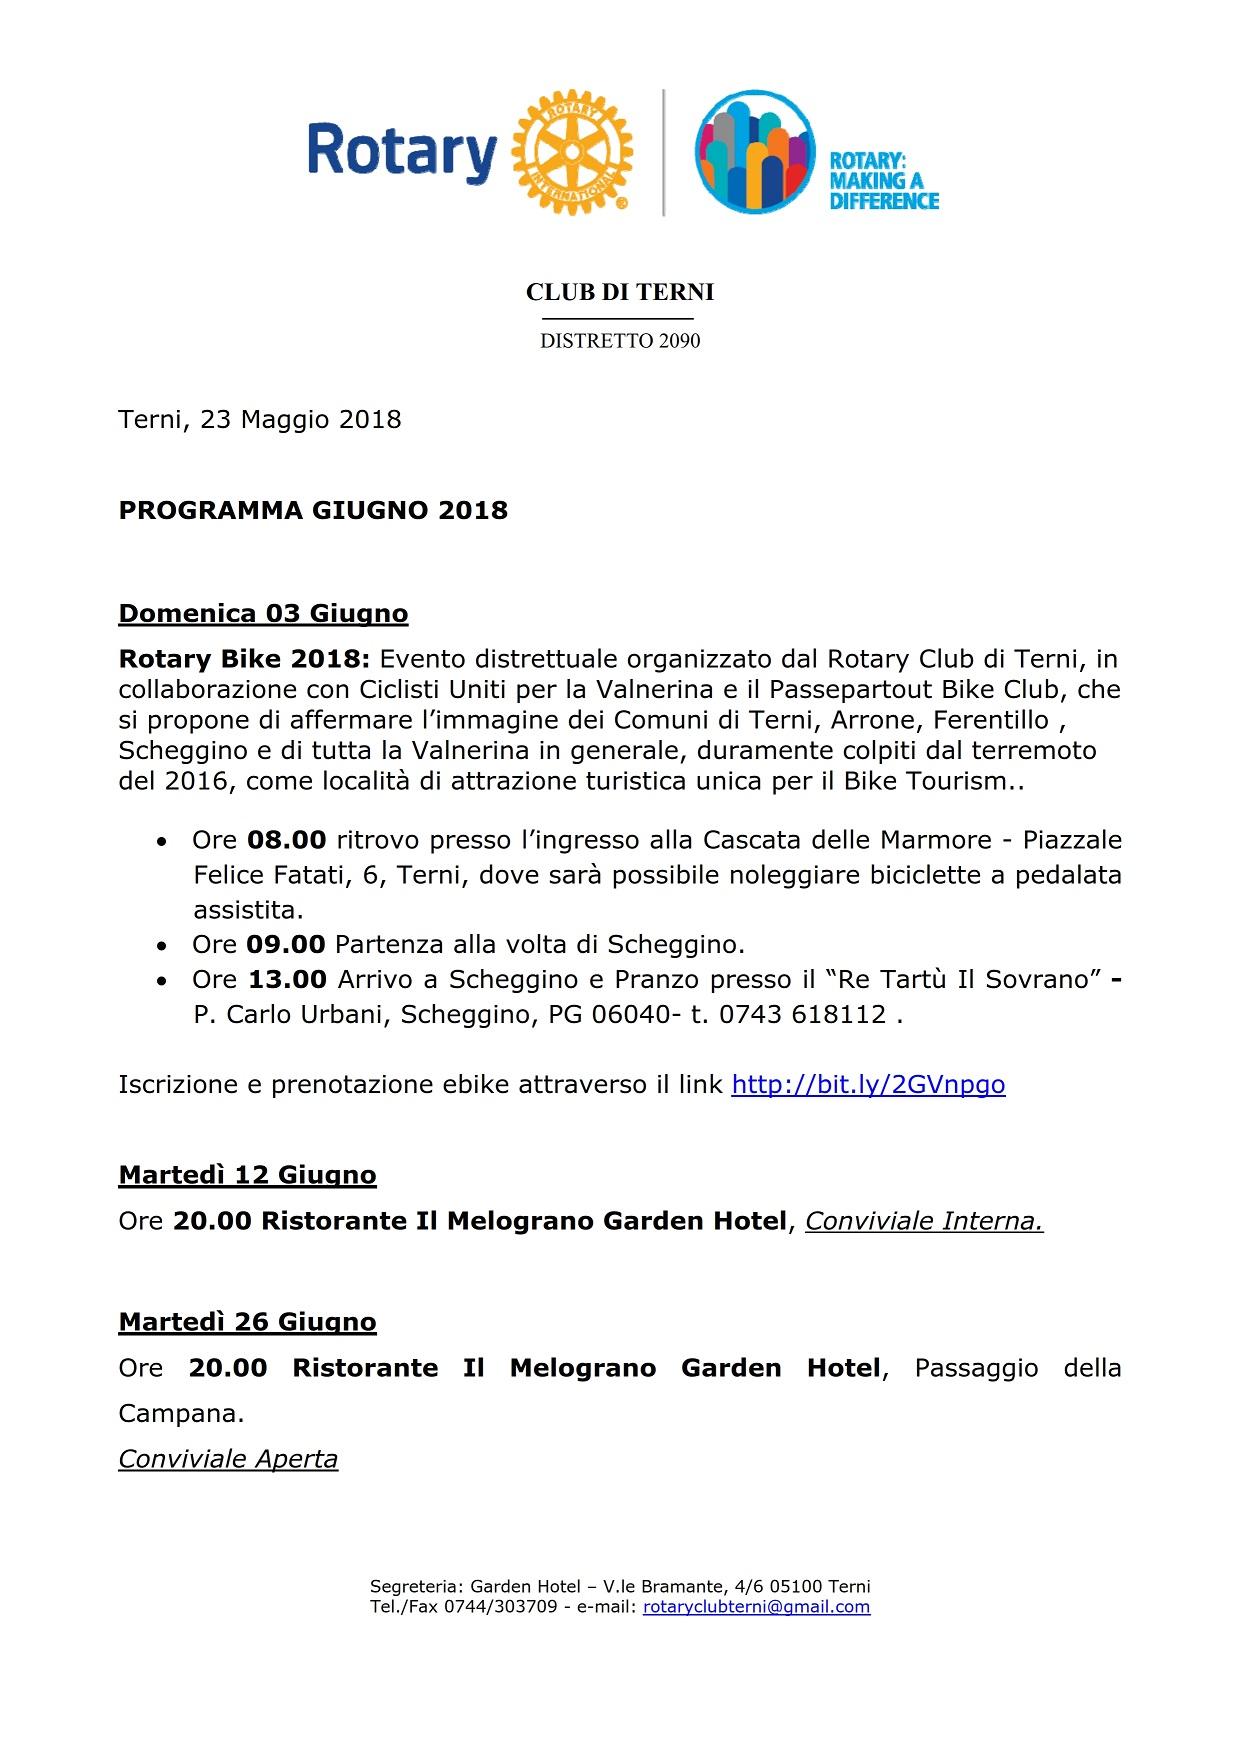 Programma Giugno 2018_001